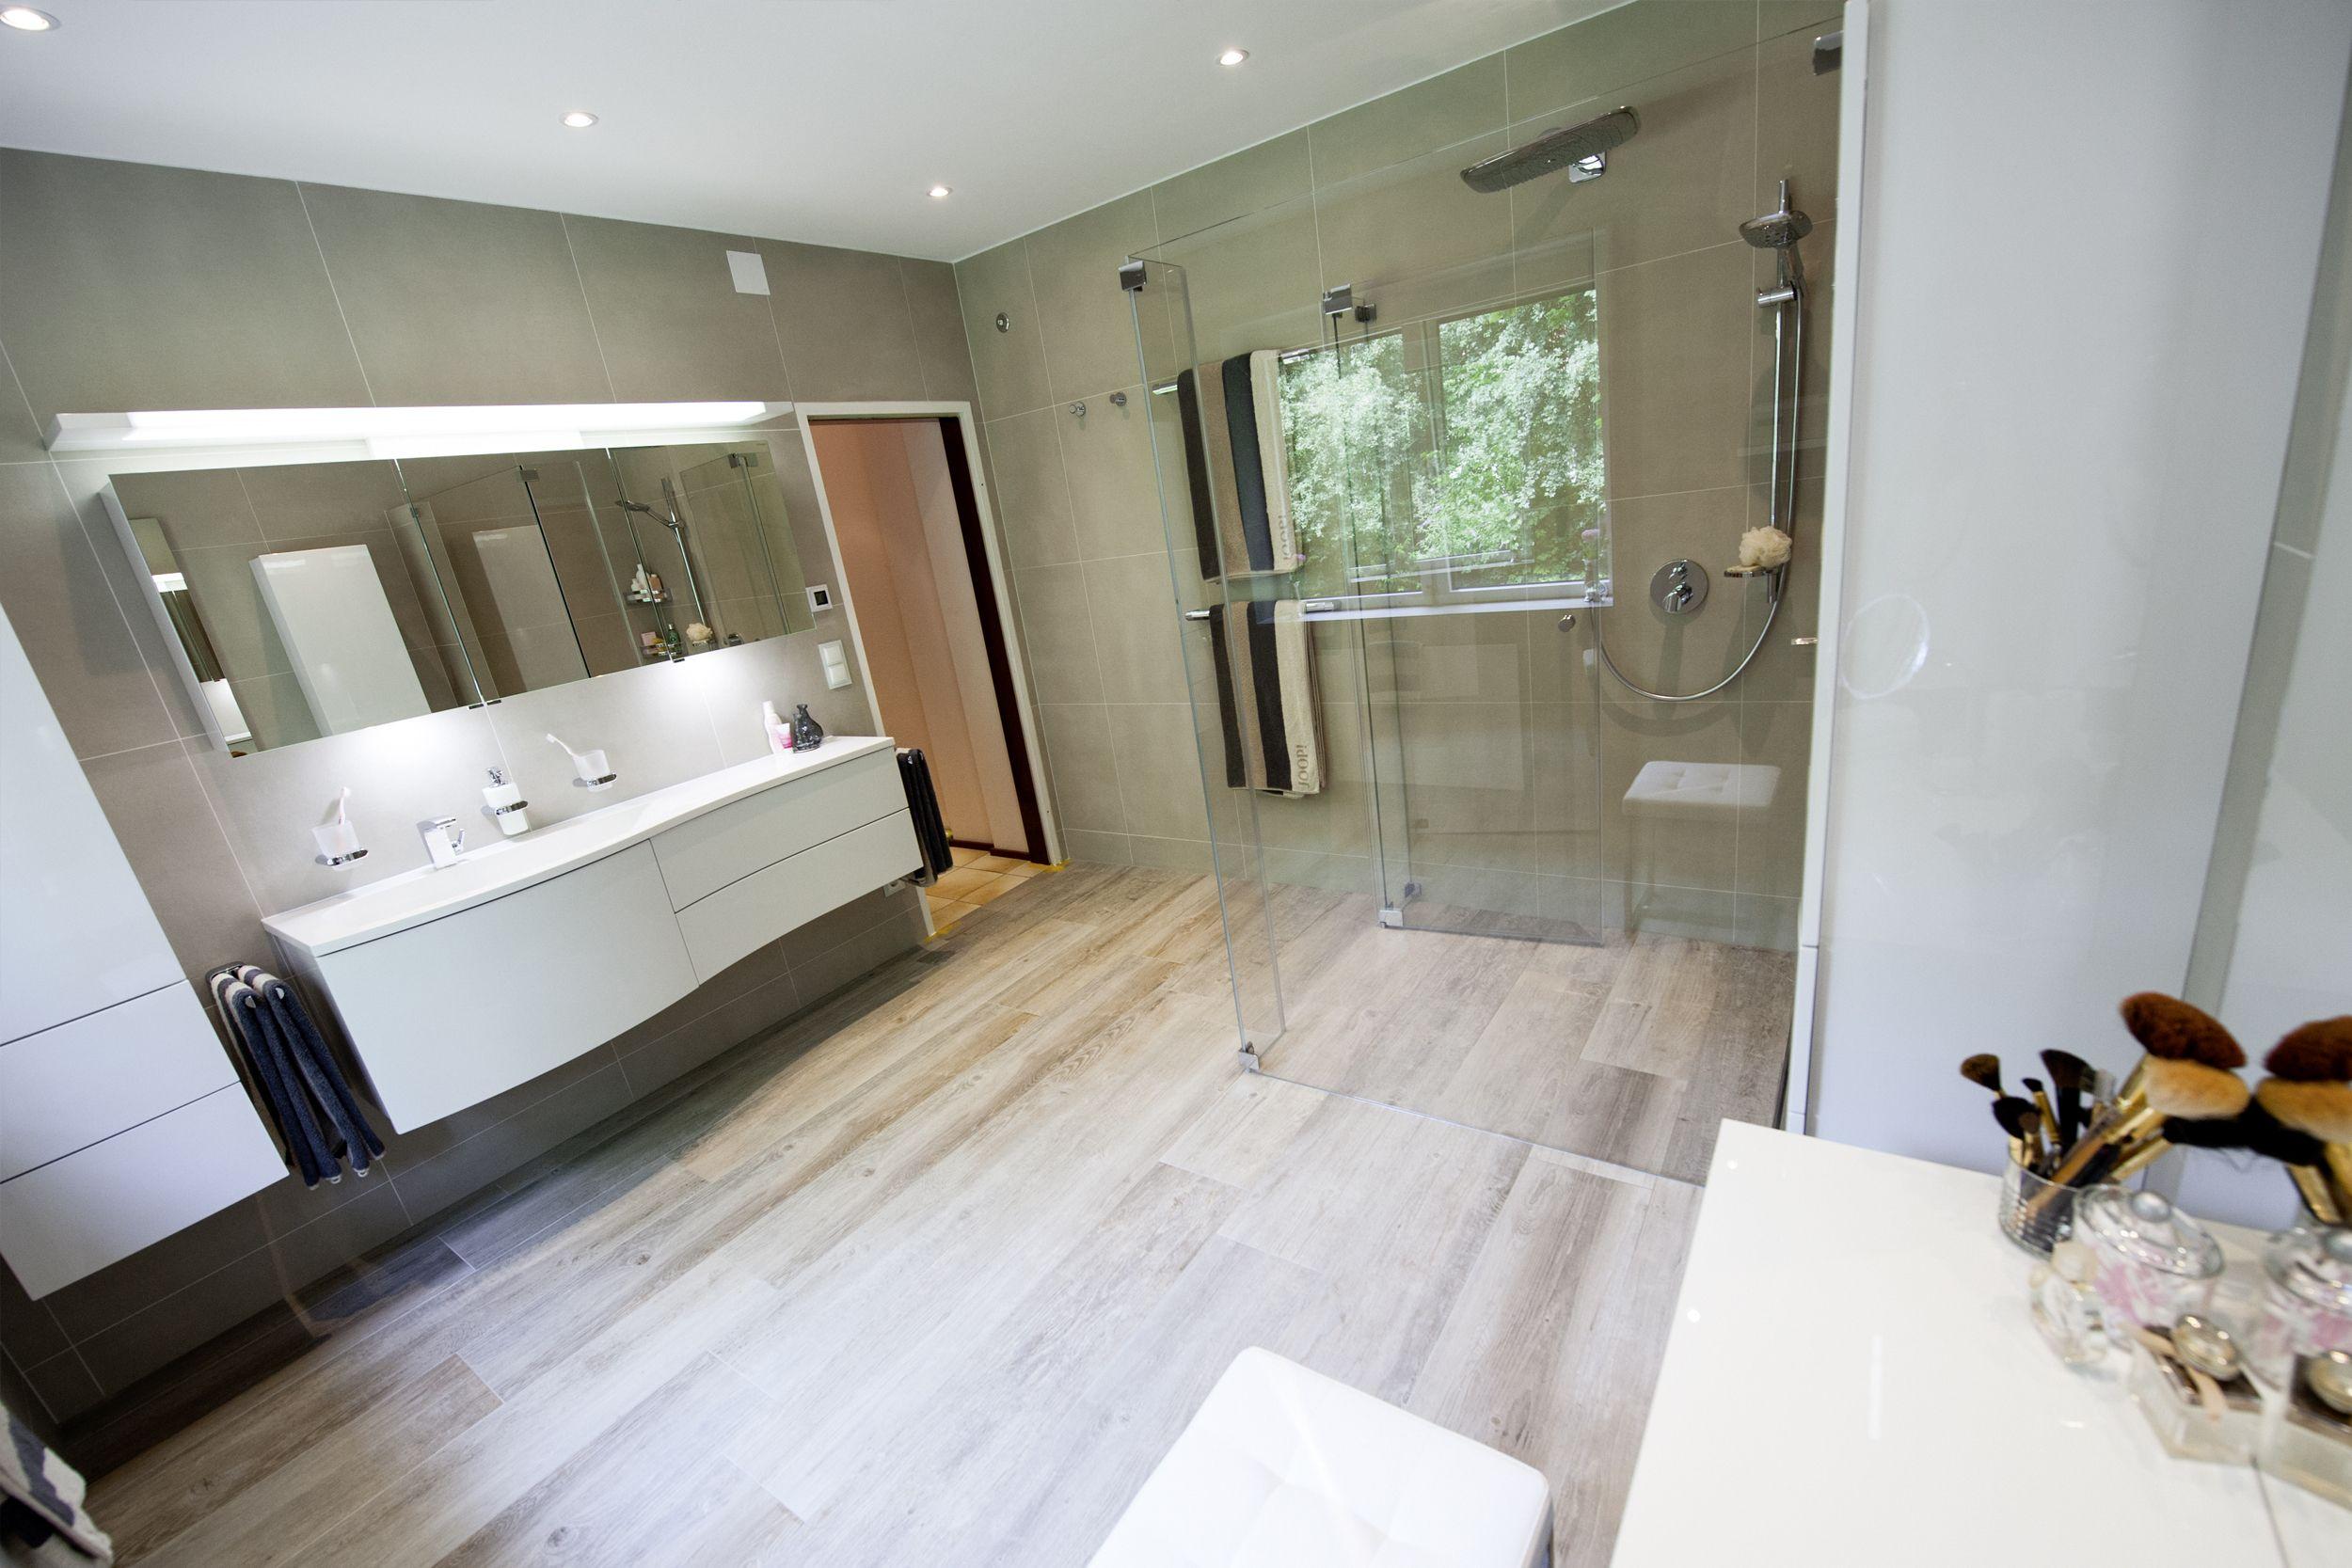 Frei Begehbare Dusche Mit Bodenebenem Einstieg Integrierter